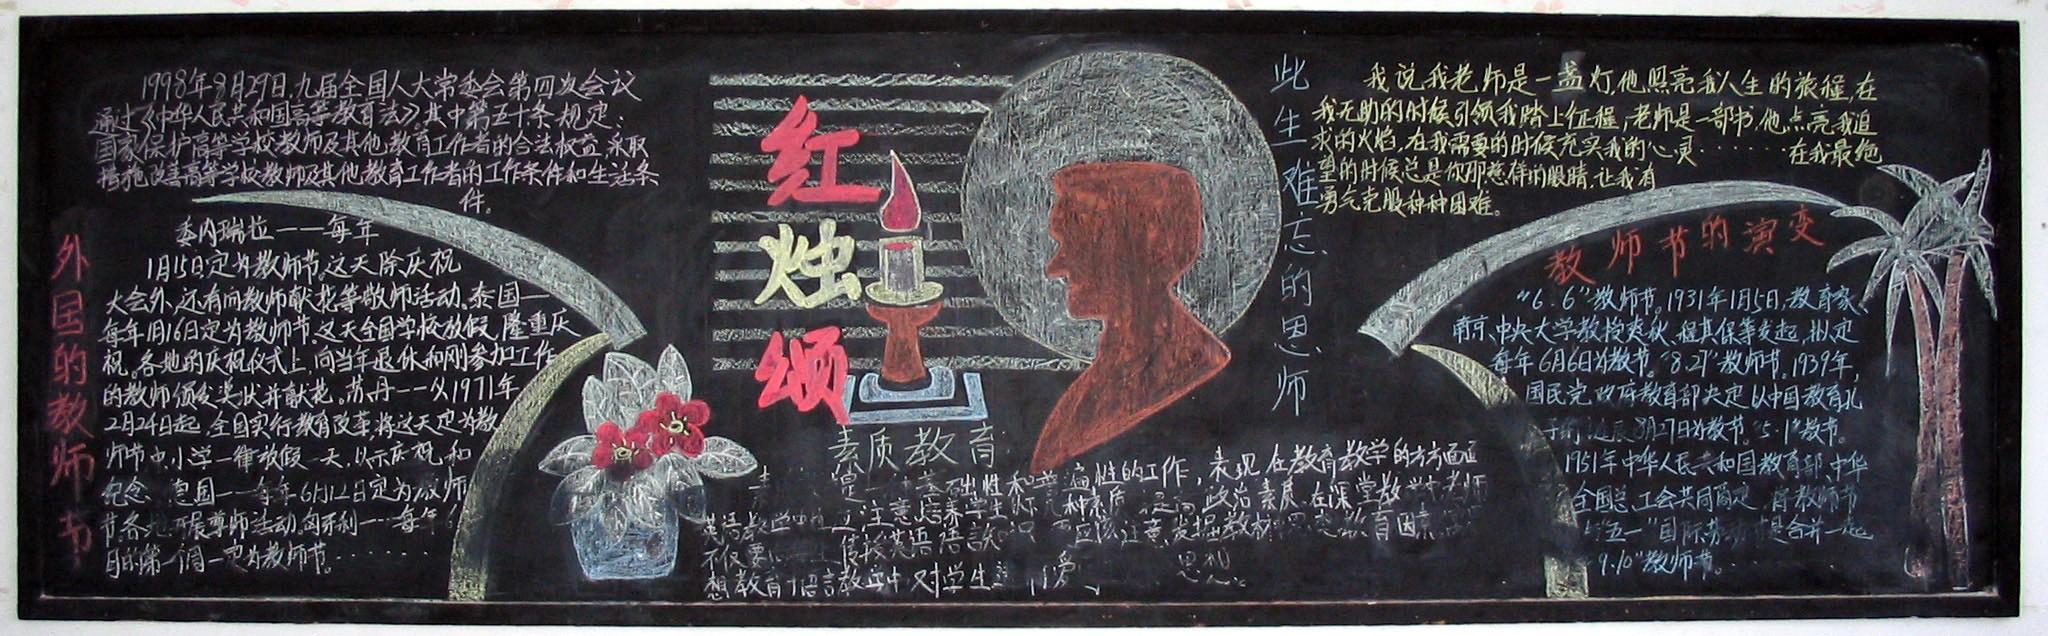 教师节黑板报(14)_20字